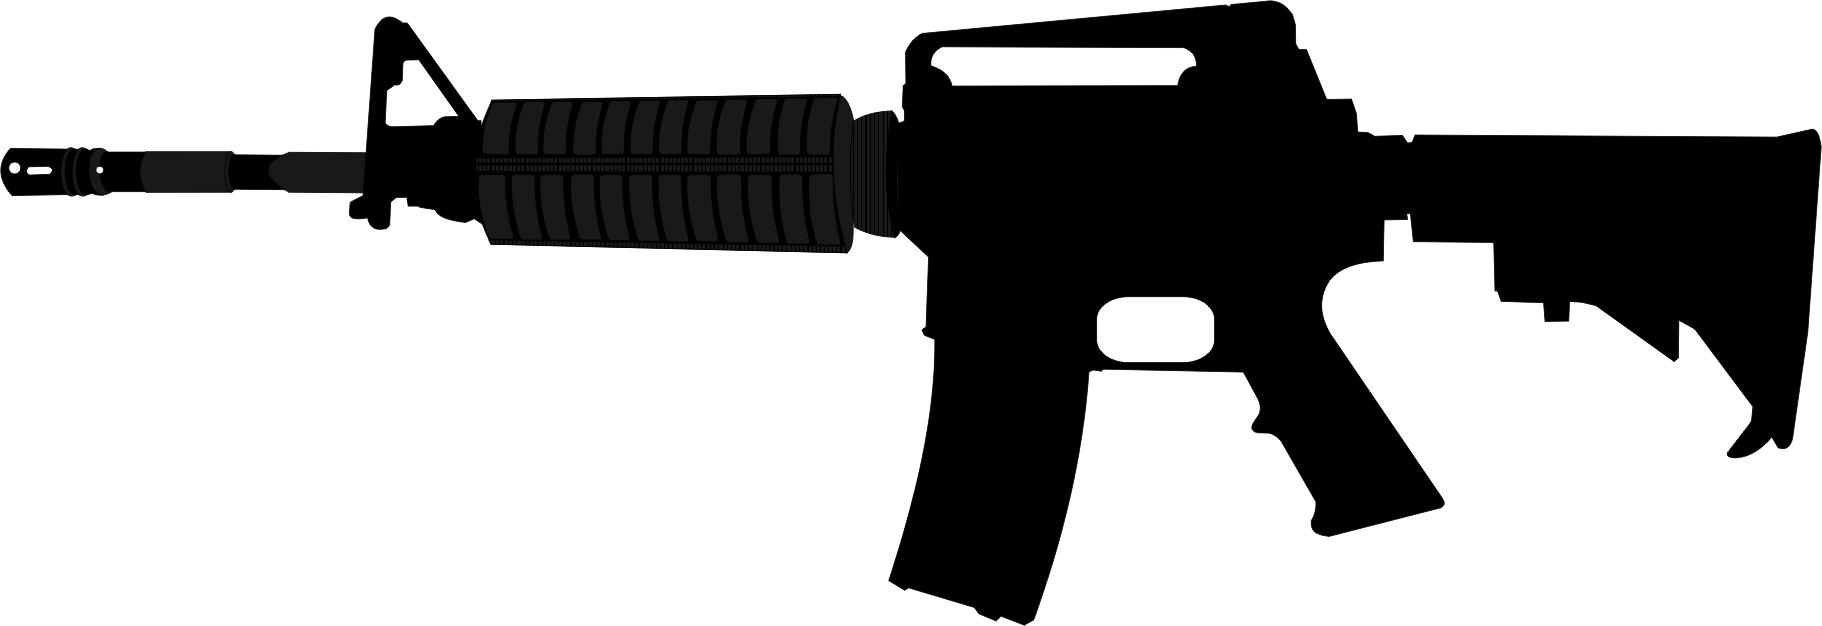 Rifle Clipart Rifle Silhouette Clipart